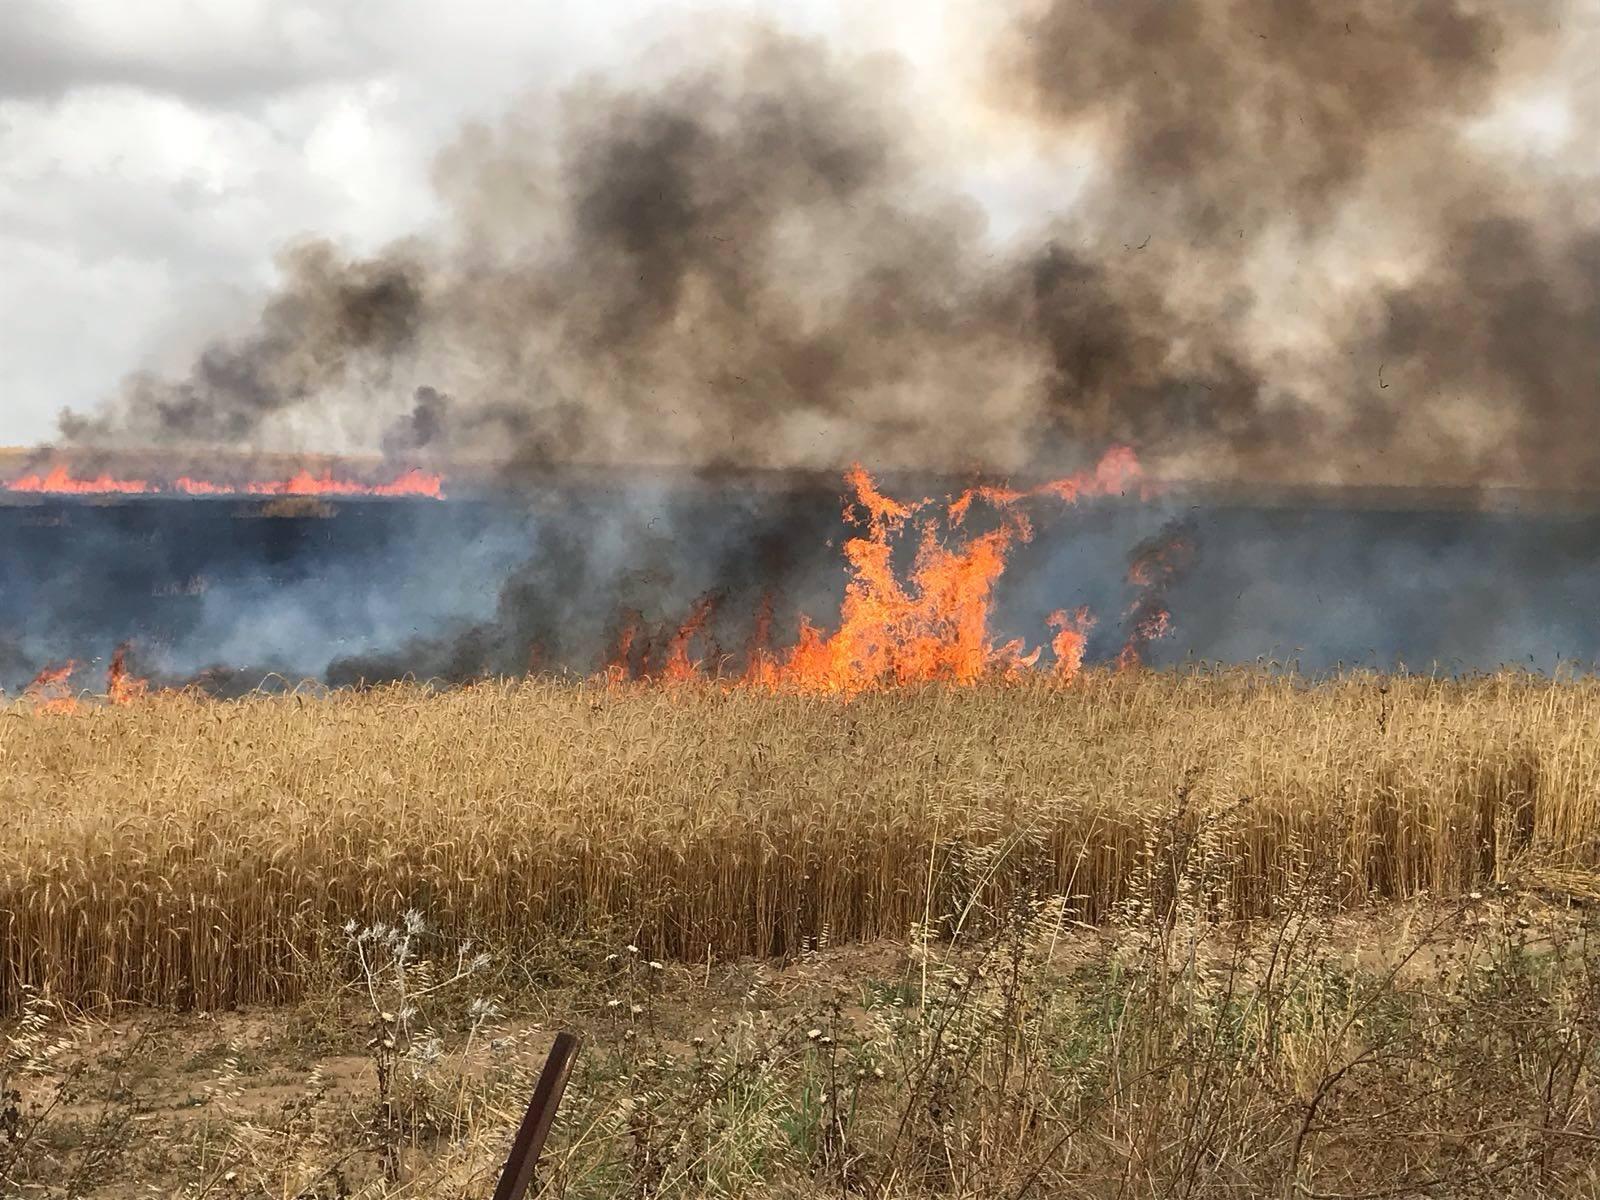 Incendies terroristes en Israël : le Hamas a brûlé plus de 3000 hectares de terres israéliennes brûlées